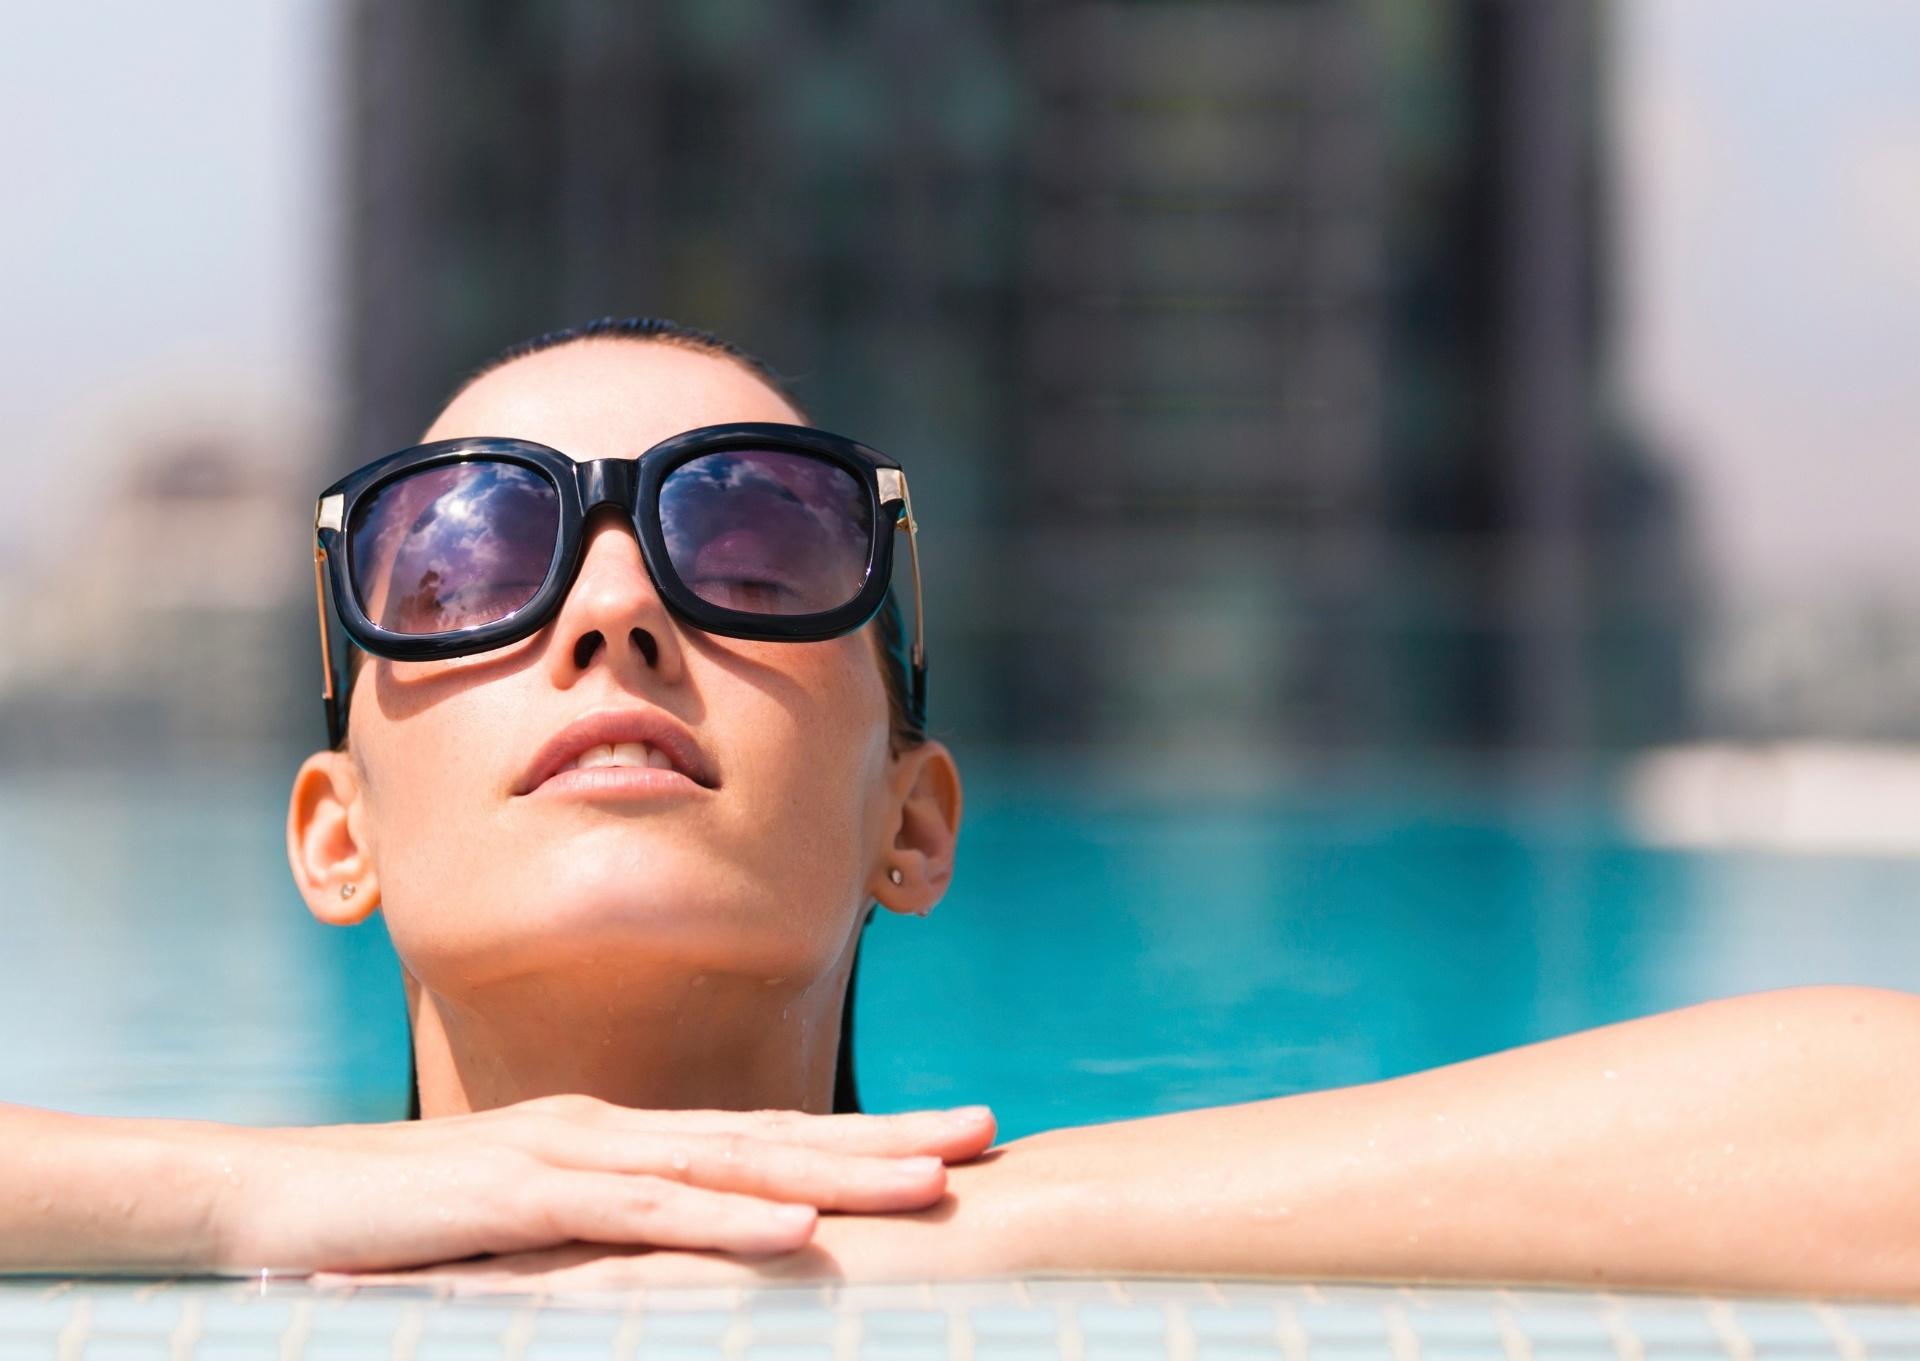 391cc9489 Teste de qualidade de óculos de sol precisa ser revisto, alerta estudo -  06/10/2016 - UOL Notícias